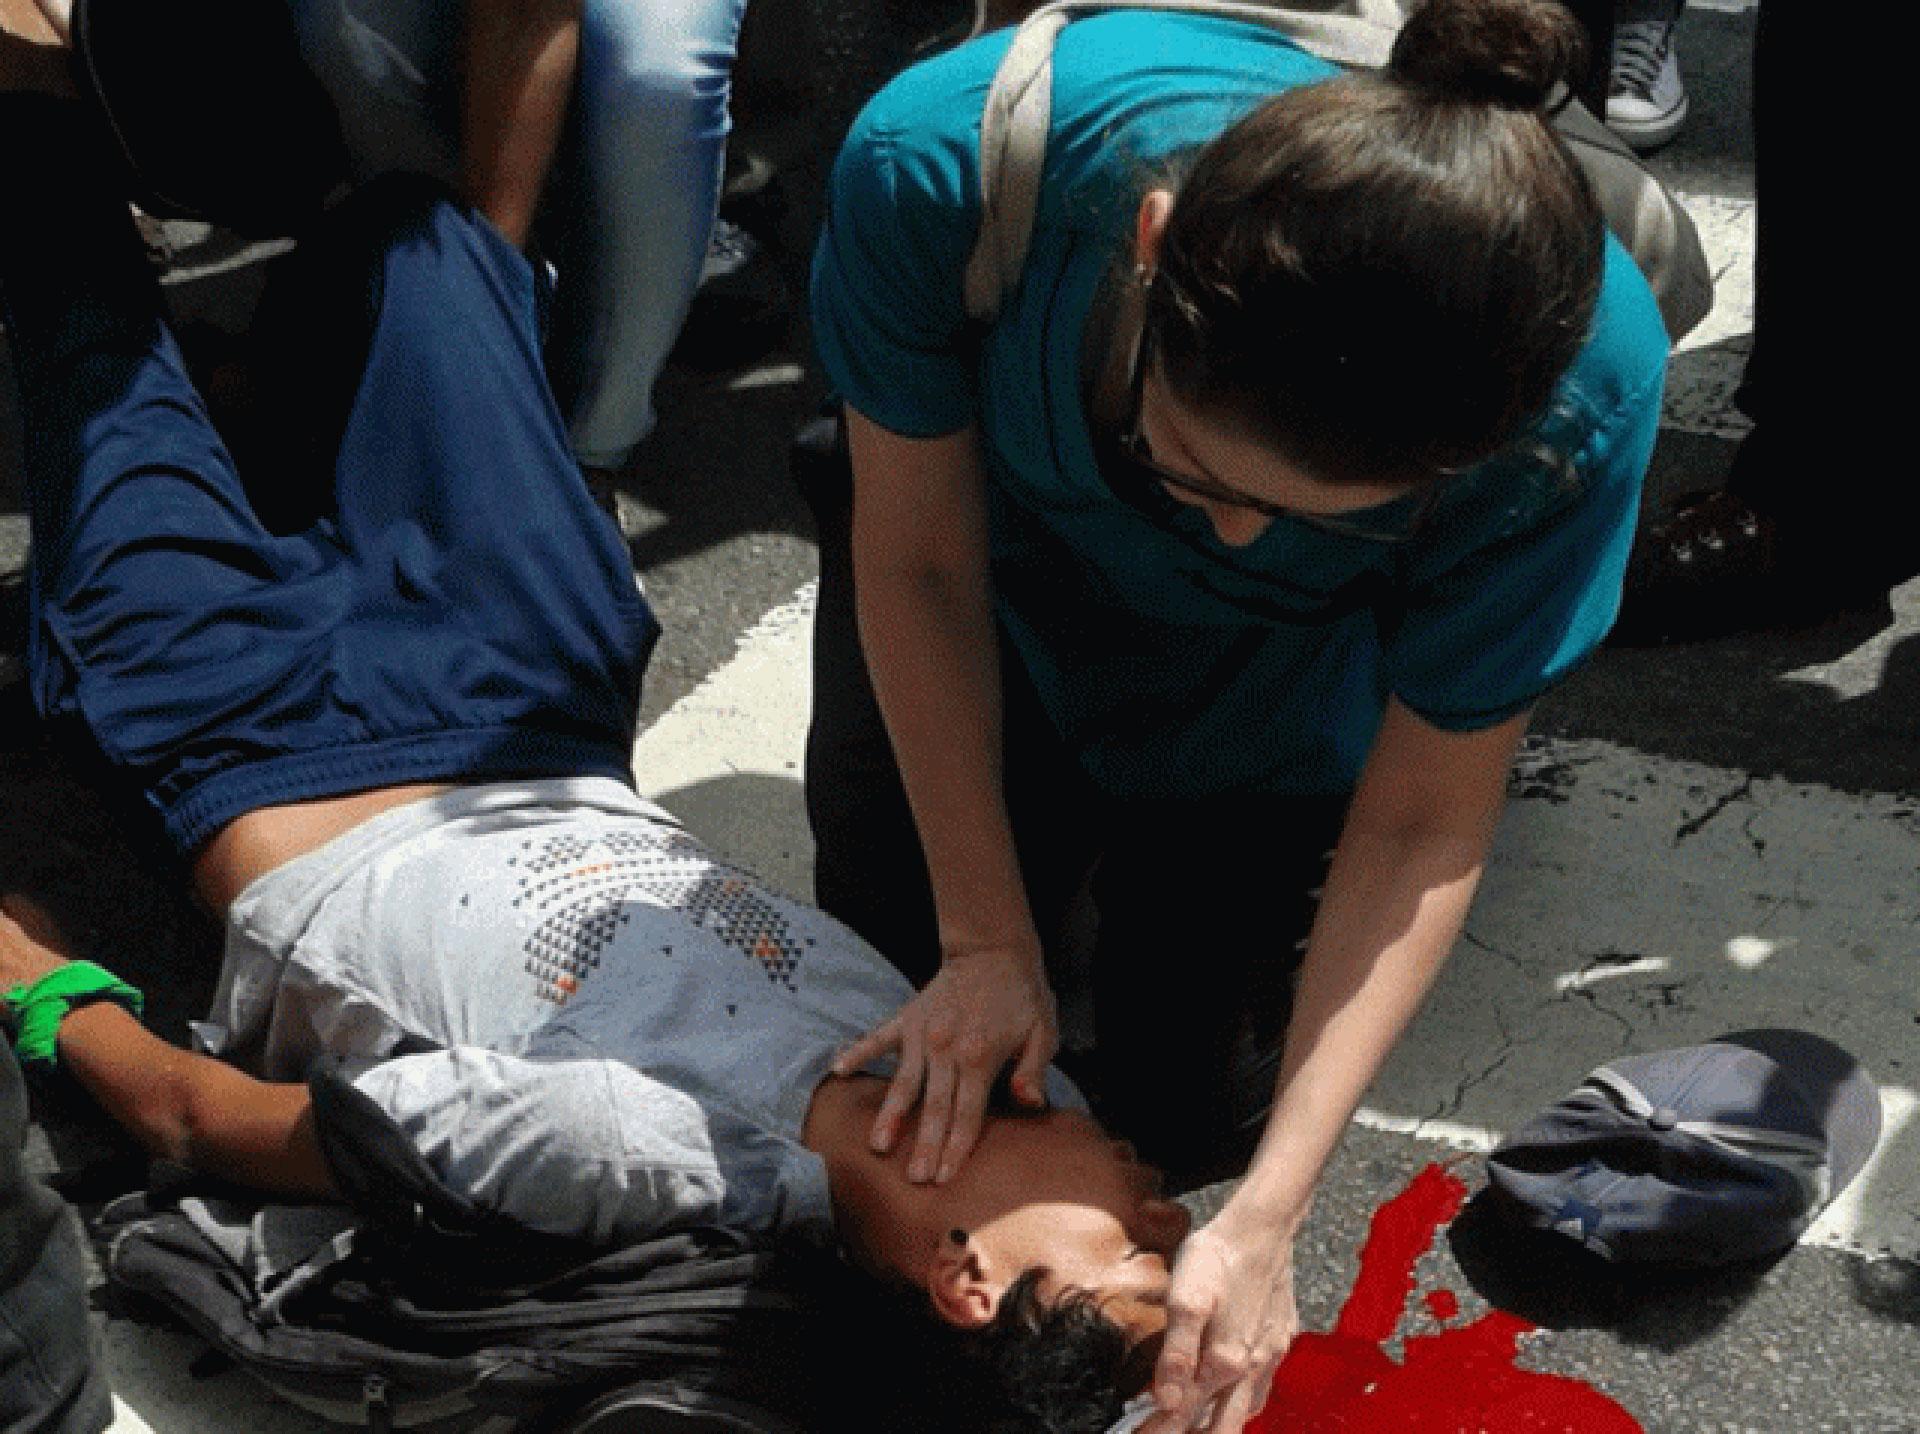 Represión en San Bernardino, donde un joven manifestante fue atacado por los colectivos chavistas